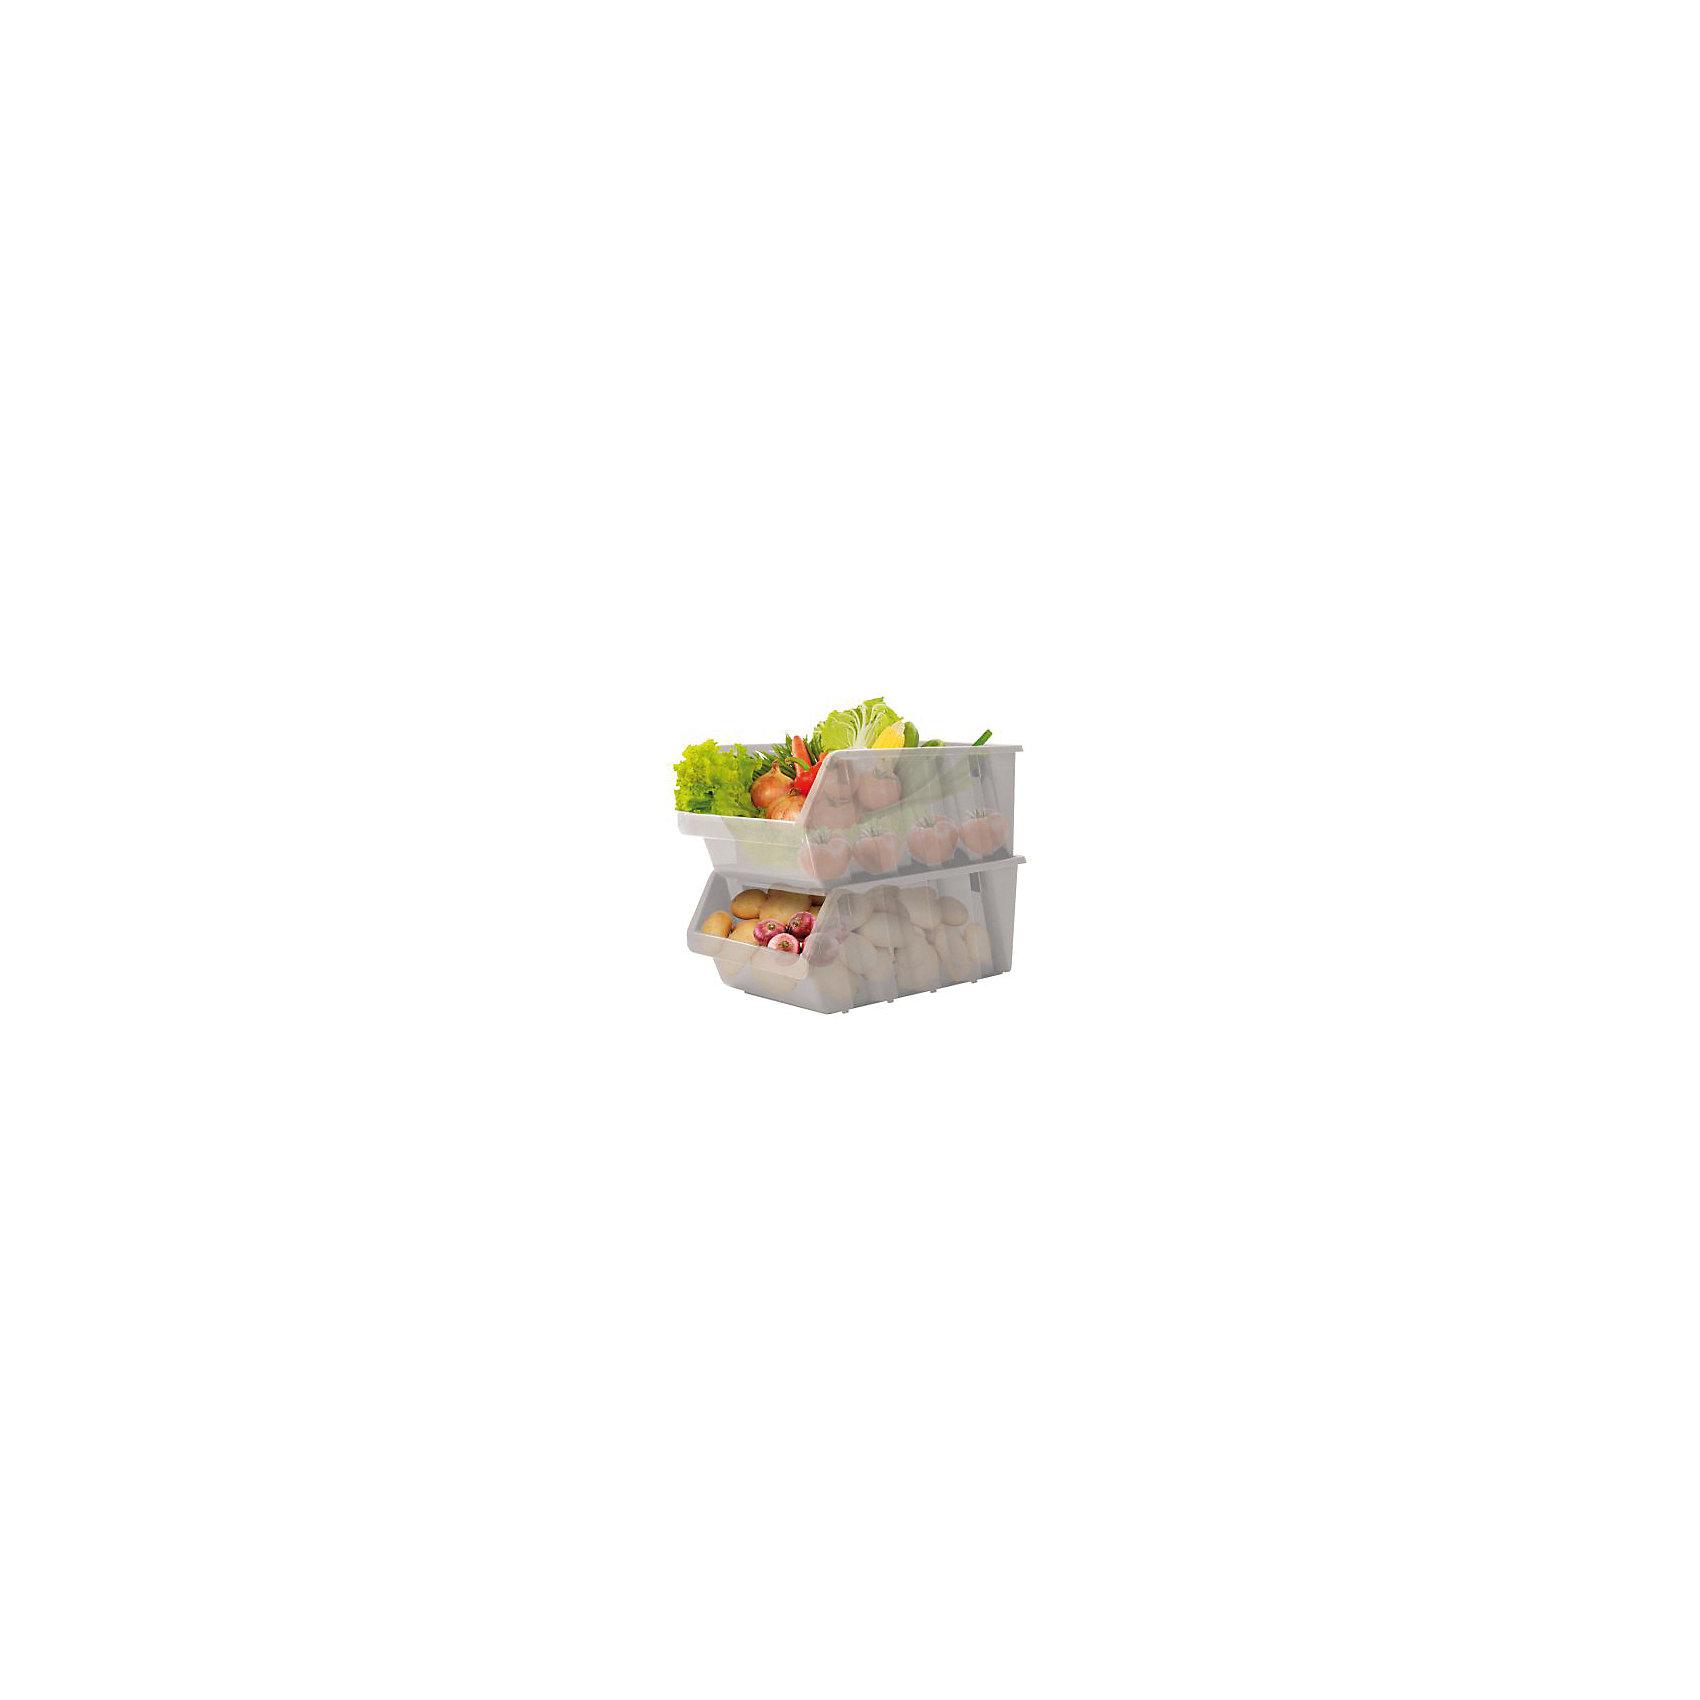 Емкость для овощей, BranQПосуда<br>Емкость идеально подходит для хранения овощей, фруктов, куханной утвари и продуктов питания. Компактная форма позволяет удобно разместить их в ящике или шкафчике. Емкости устанавливаются друг на друга. При транспортировке - вкладываются друг в друга.<br><br>Ширина мм: 375<br>Глубина мм: 225<br>Высота мм: 190<br>Вес г: 763<br>Возраст от месяцев: 216<br>Возраст до месяцев: 1188<br>Пол: Унисекс<br>Возраст: Детский<br>SKU: 5545609